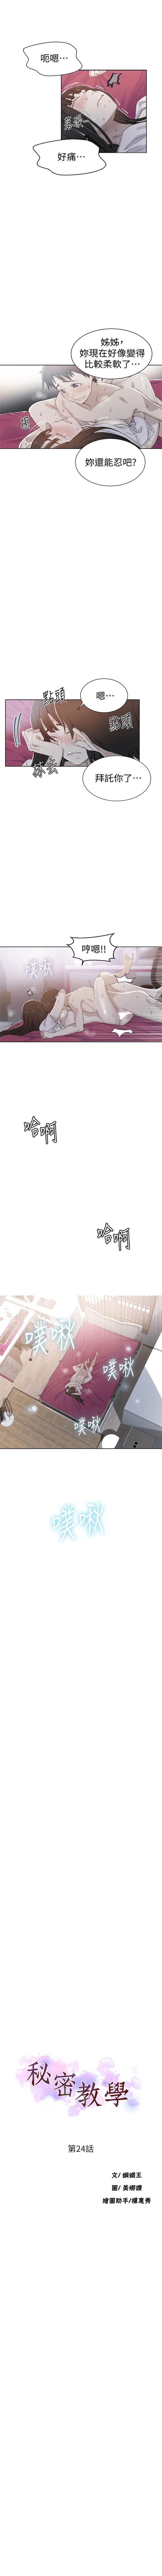 秘密教學  1-55 官方中文(連載中) 165